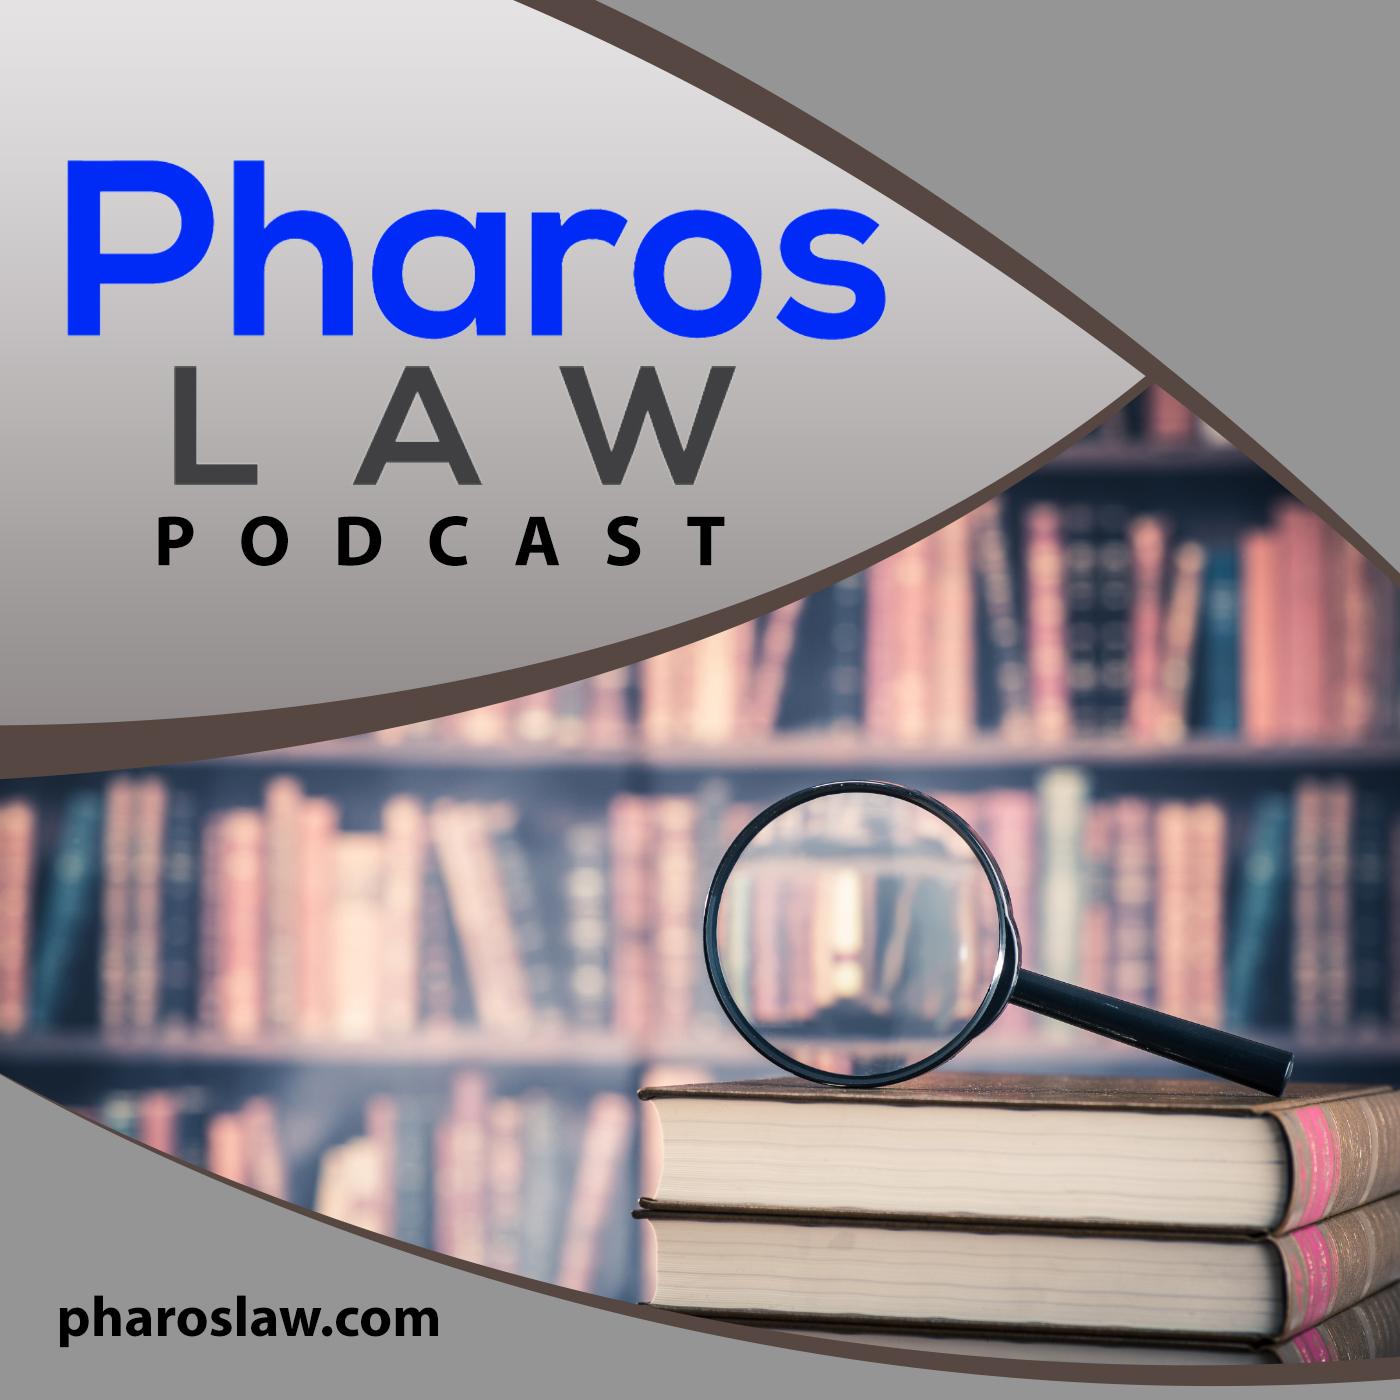 Pharos Law Podcast show art